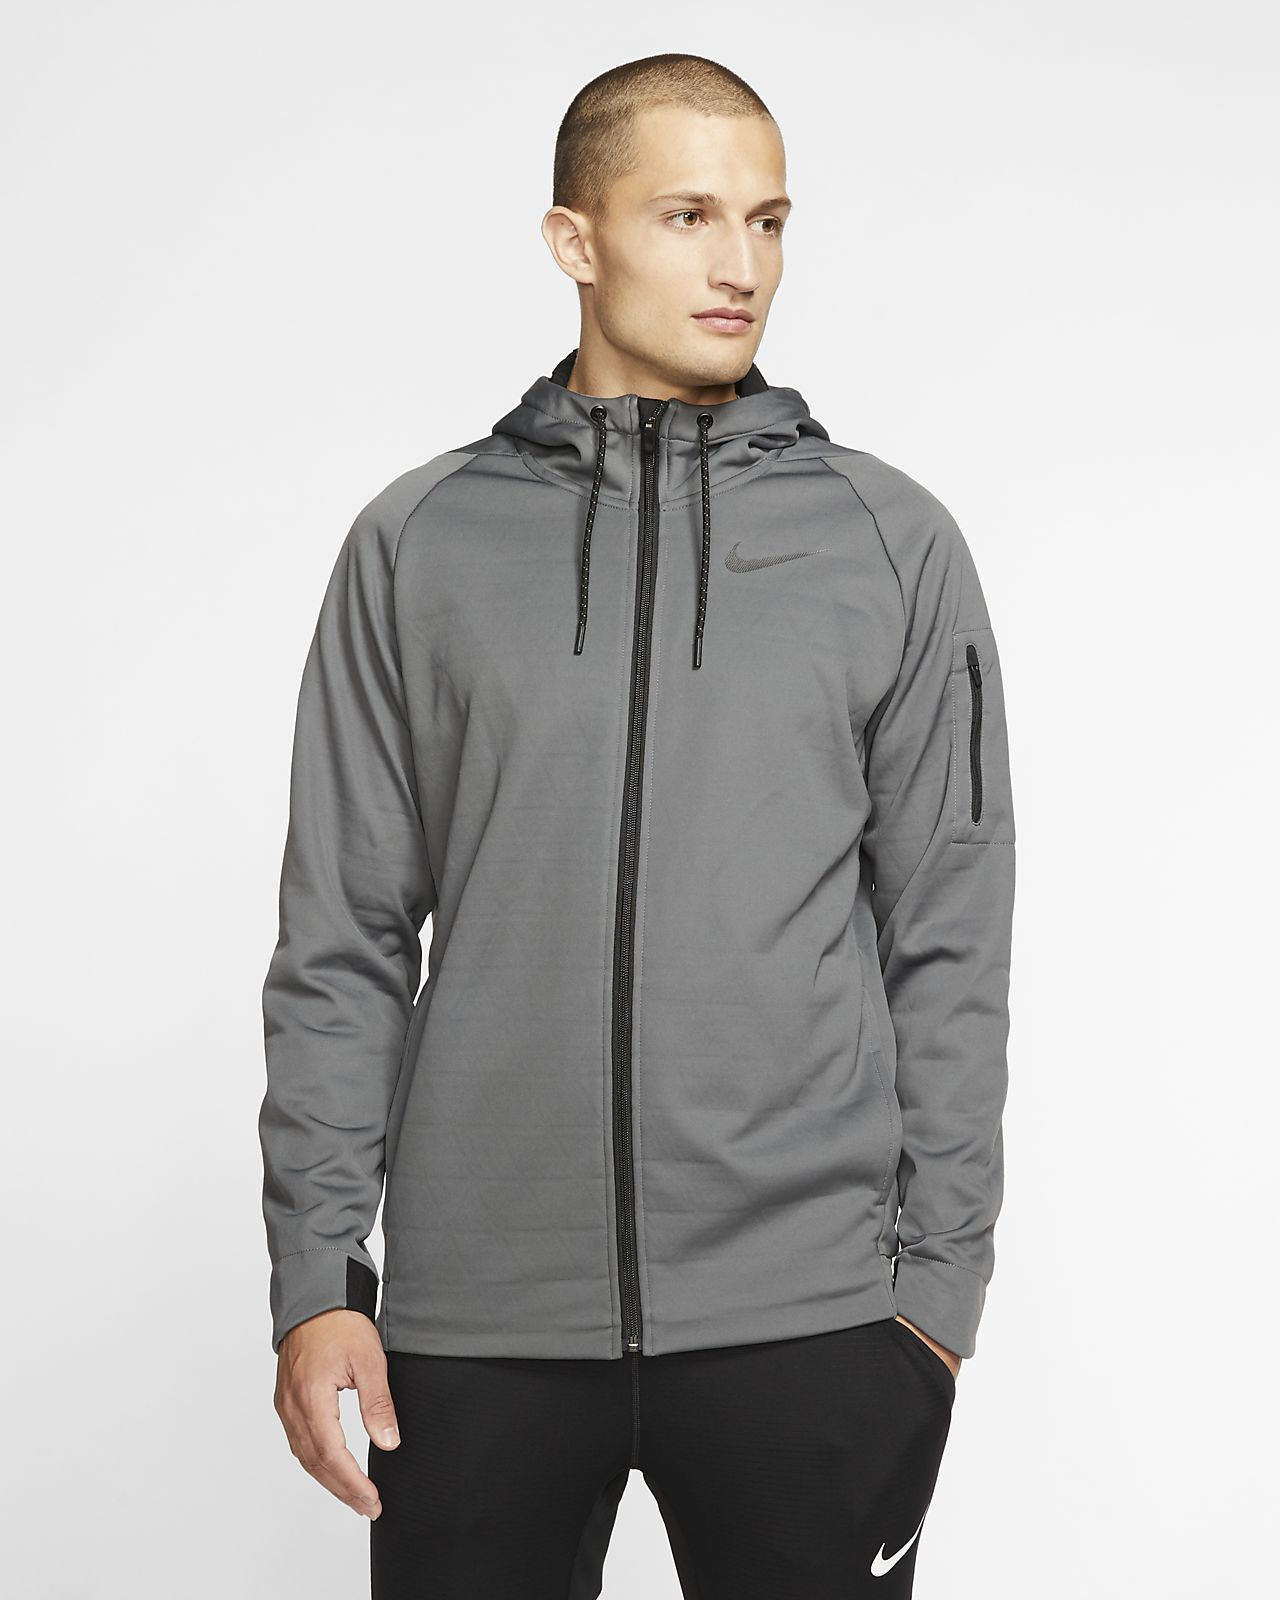 Giacca da training con zip a tutta lunghezza e cappuccio Nike Therma Uomo